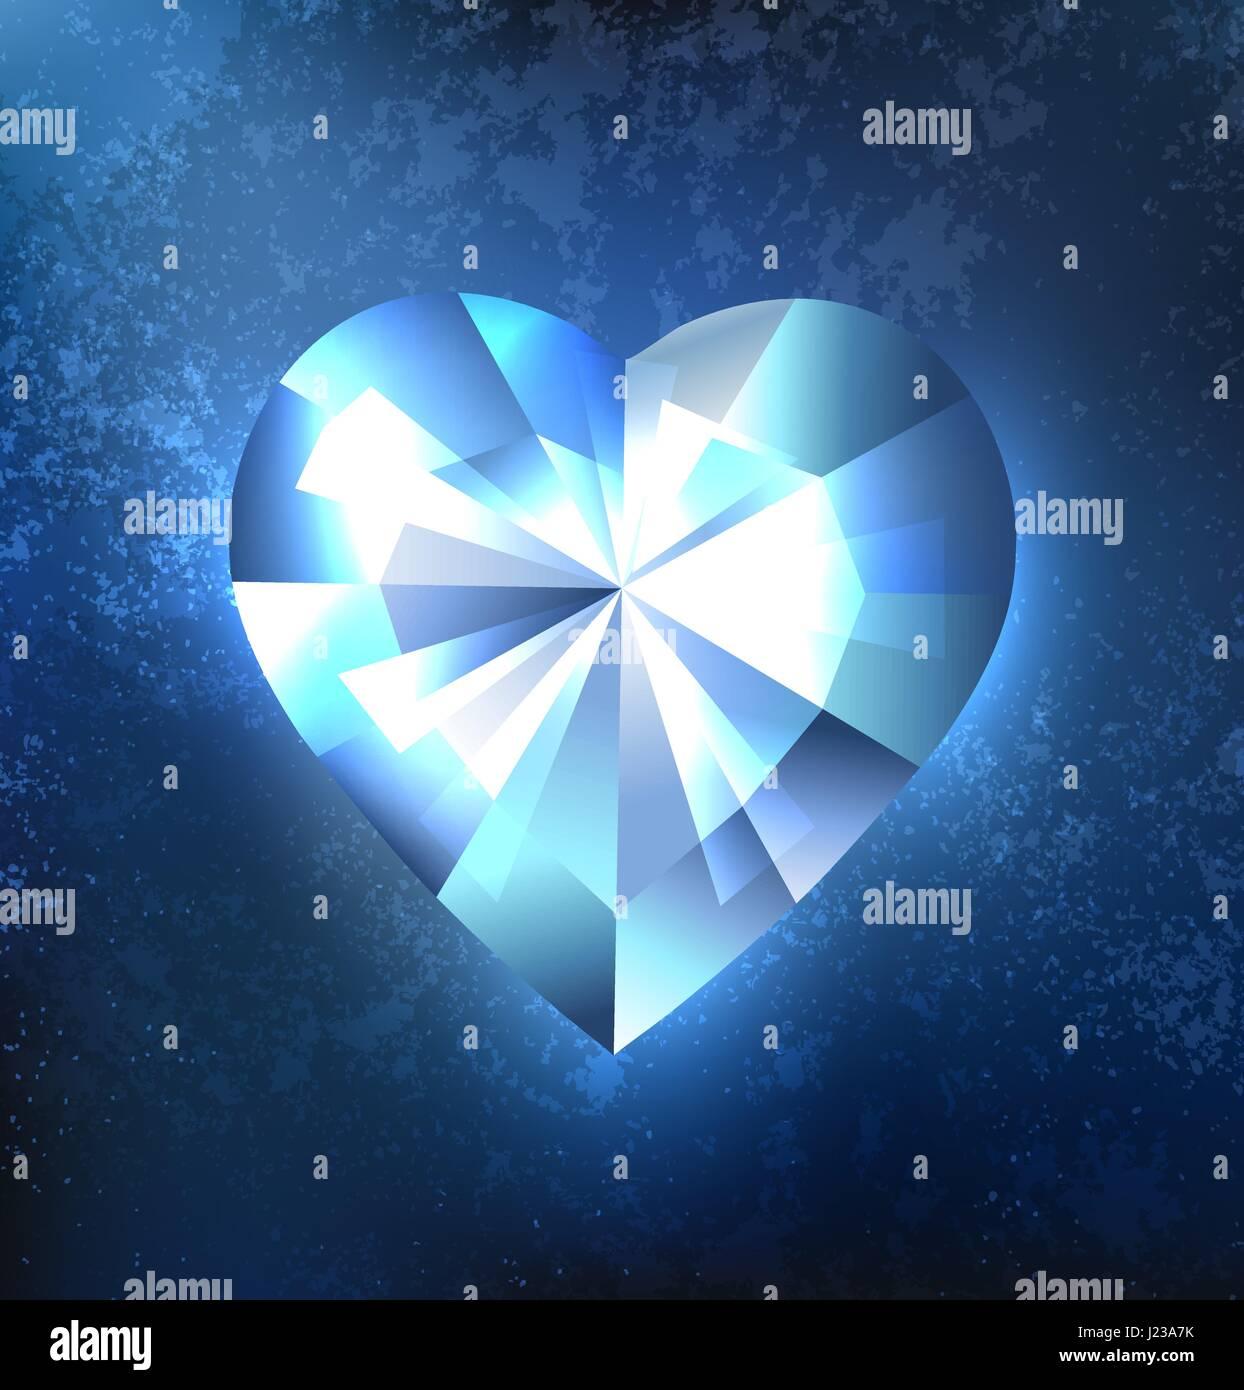 Cuore Poligonale Blu Trasparente Scintillanti Di Ghiaccio Su Uno